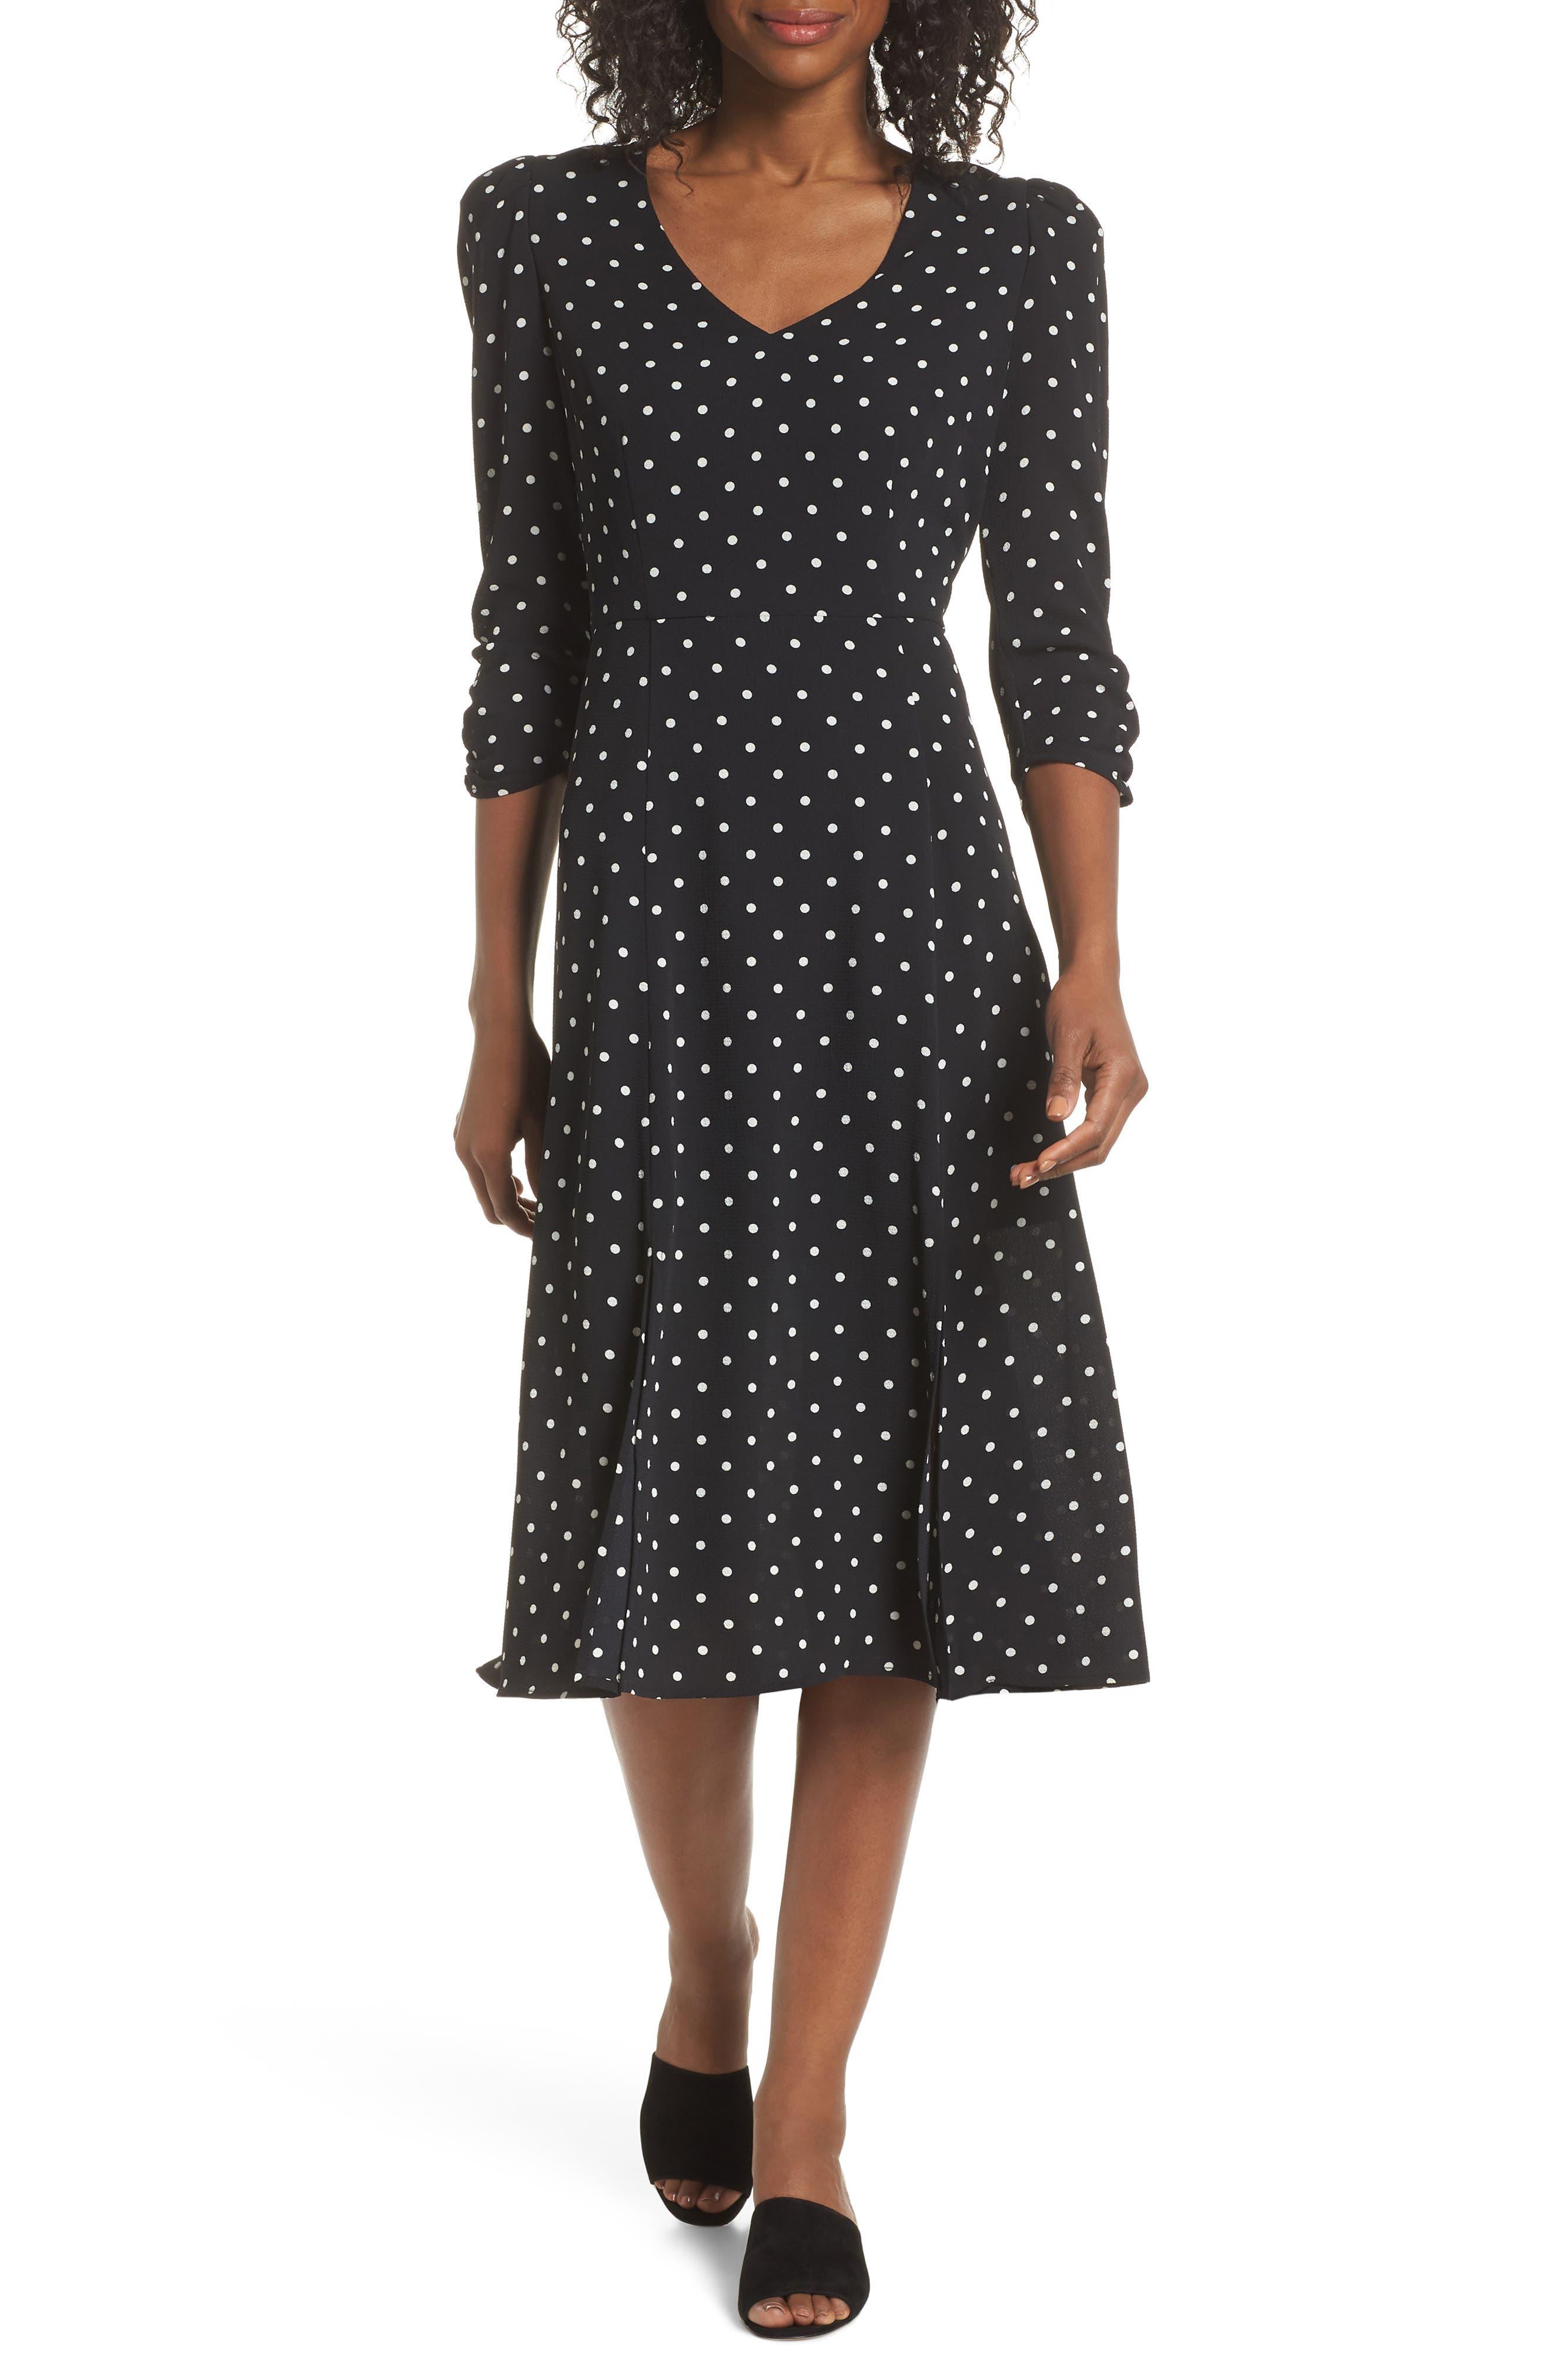 Eliza J Polka Dot Midi Dress, Black